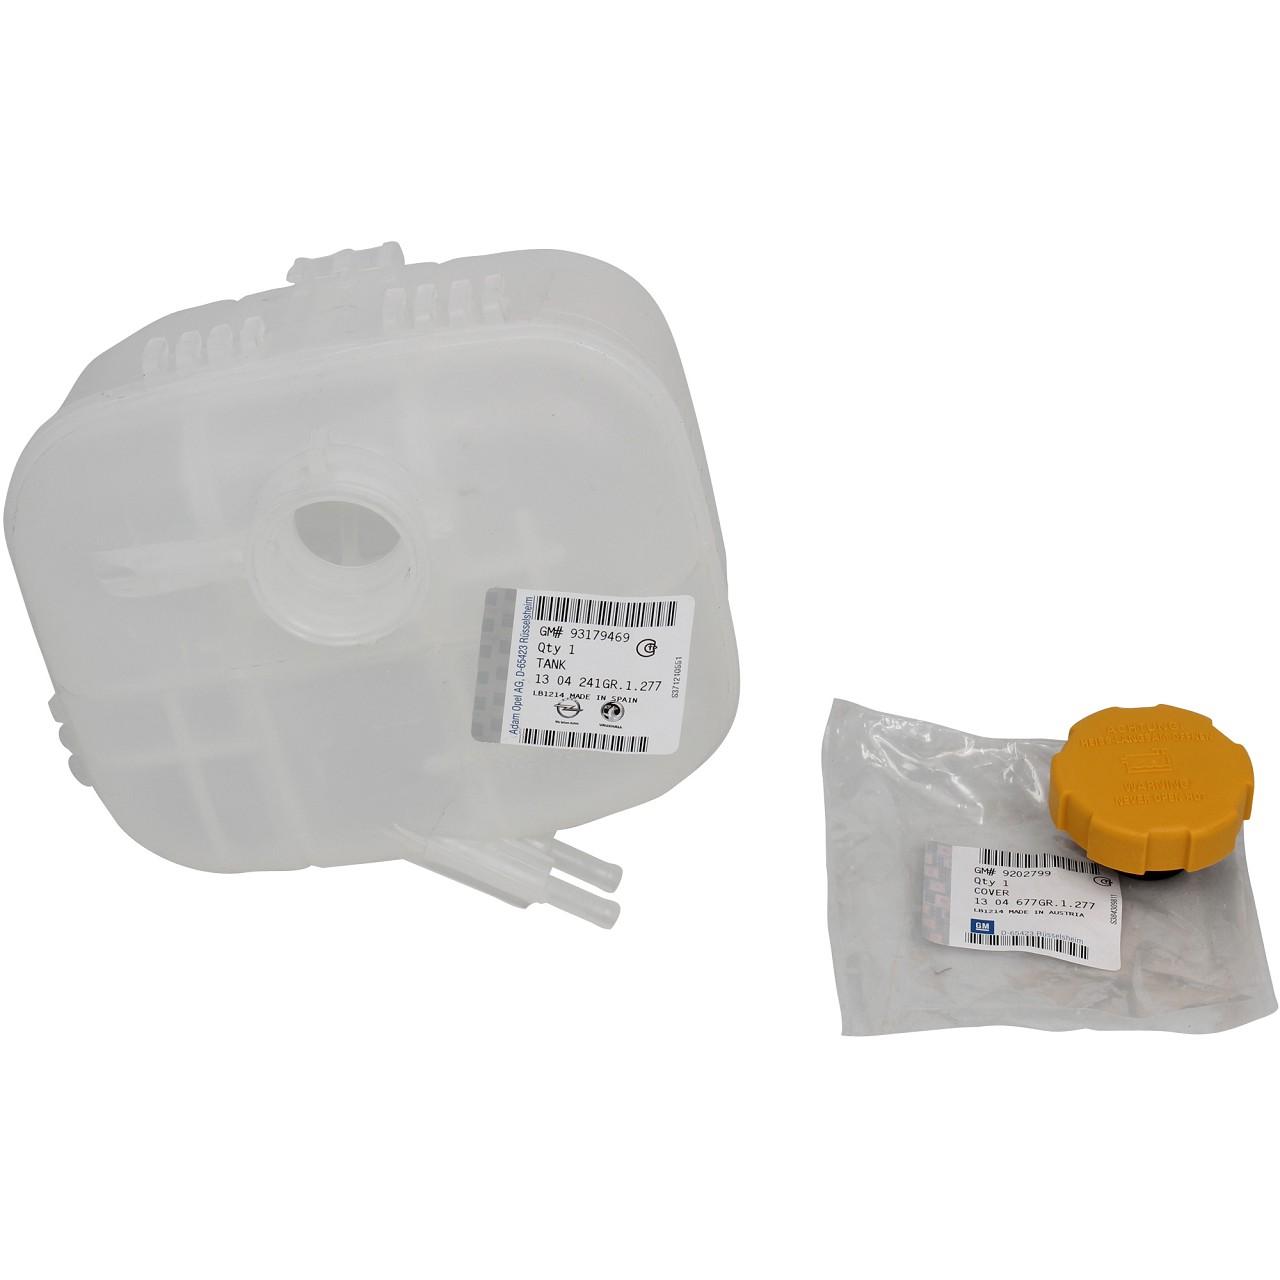 ORIGINAL Opel Ausgleichsbehälter Kühlmittel + Deckel ASTRA H 1304241 + 1304677